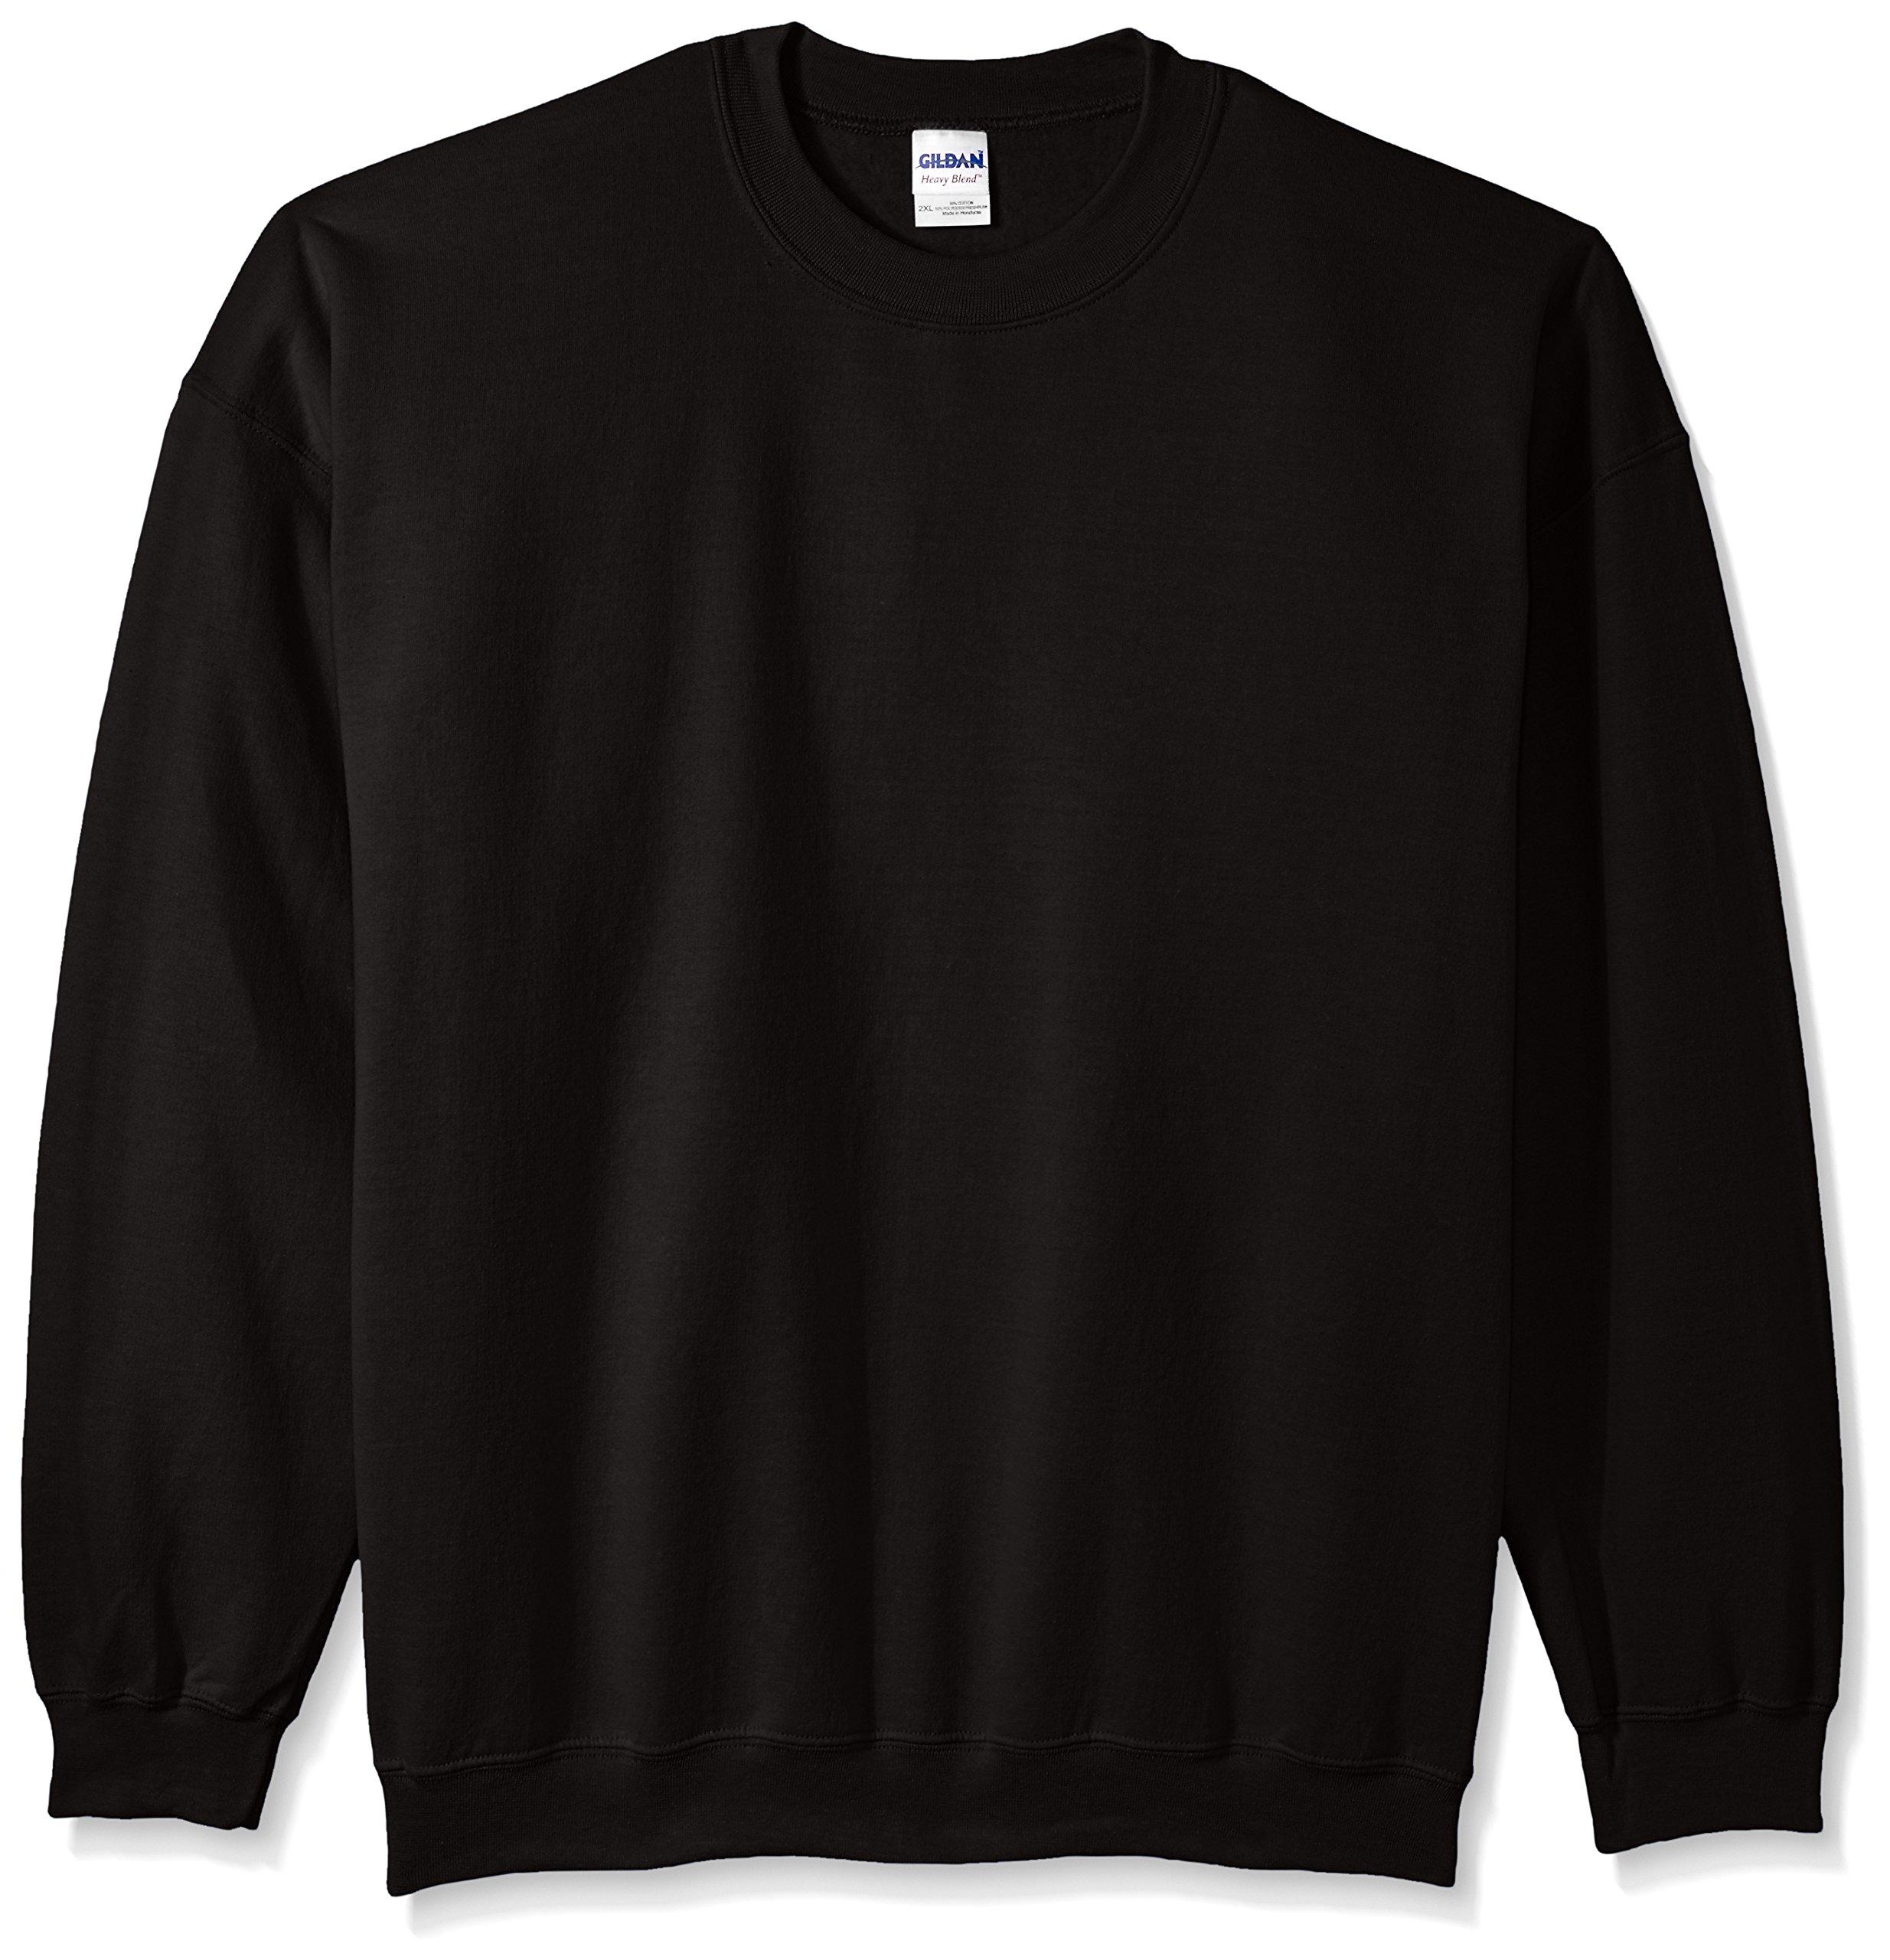 Gildan Men's Heavy Blend Crewneck Sweatshirt - XXX-Large - Black